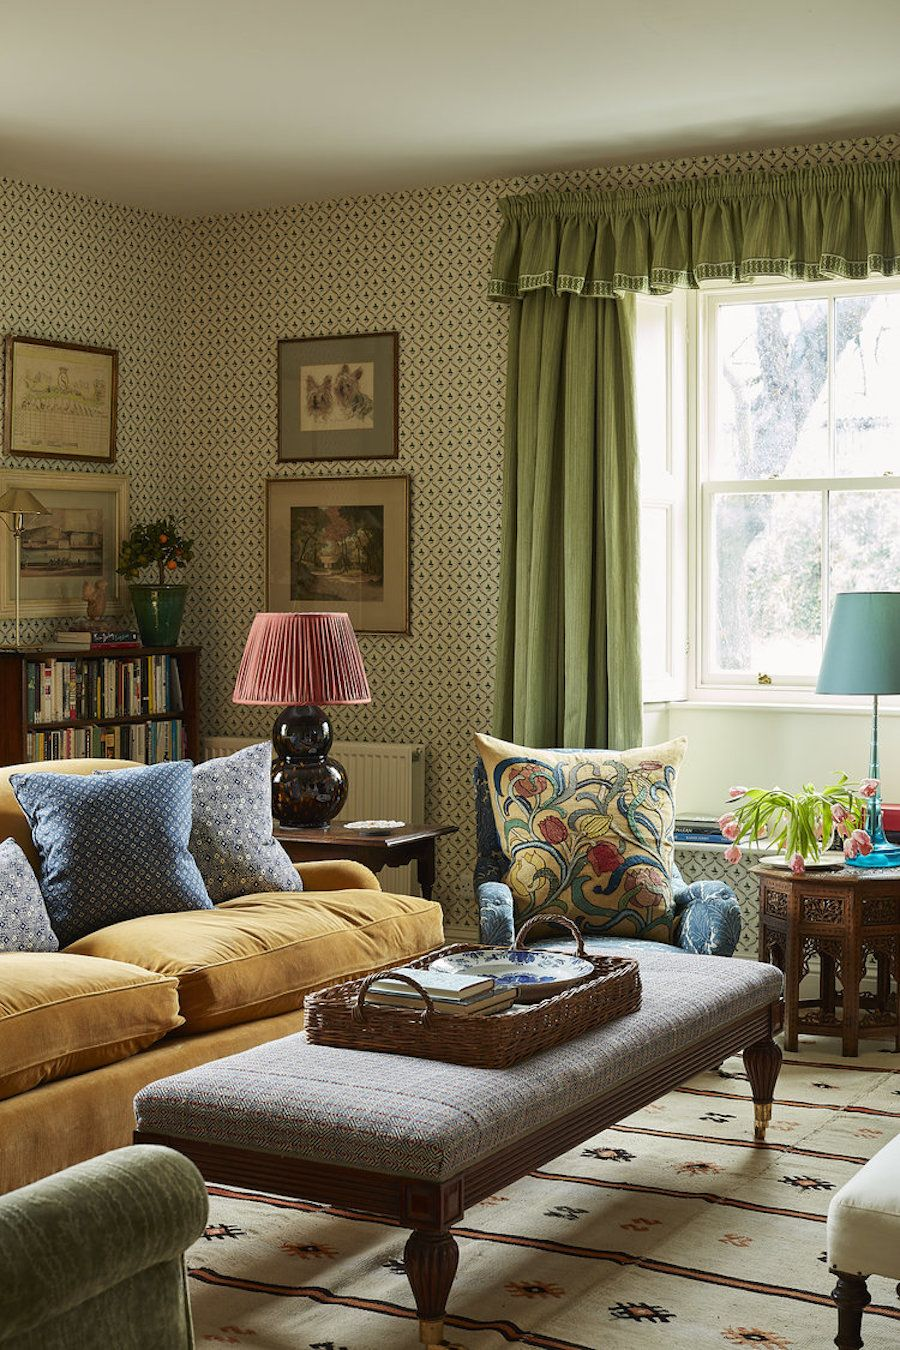 Englisches Landwohnzimmer mit Plüschsitzen und gemusterter Tapete über Rita Konig